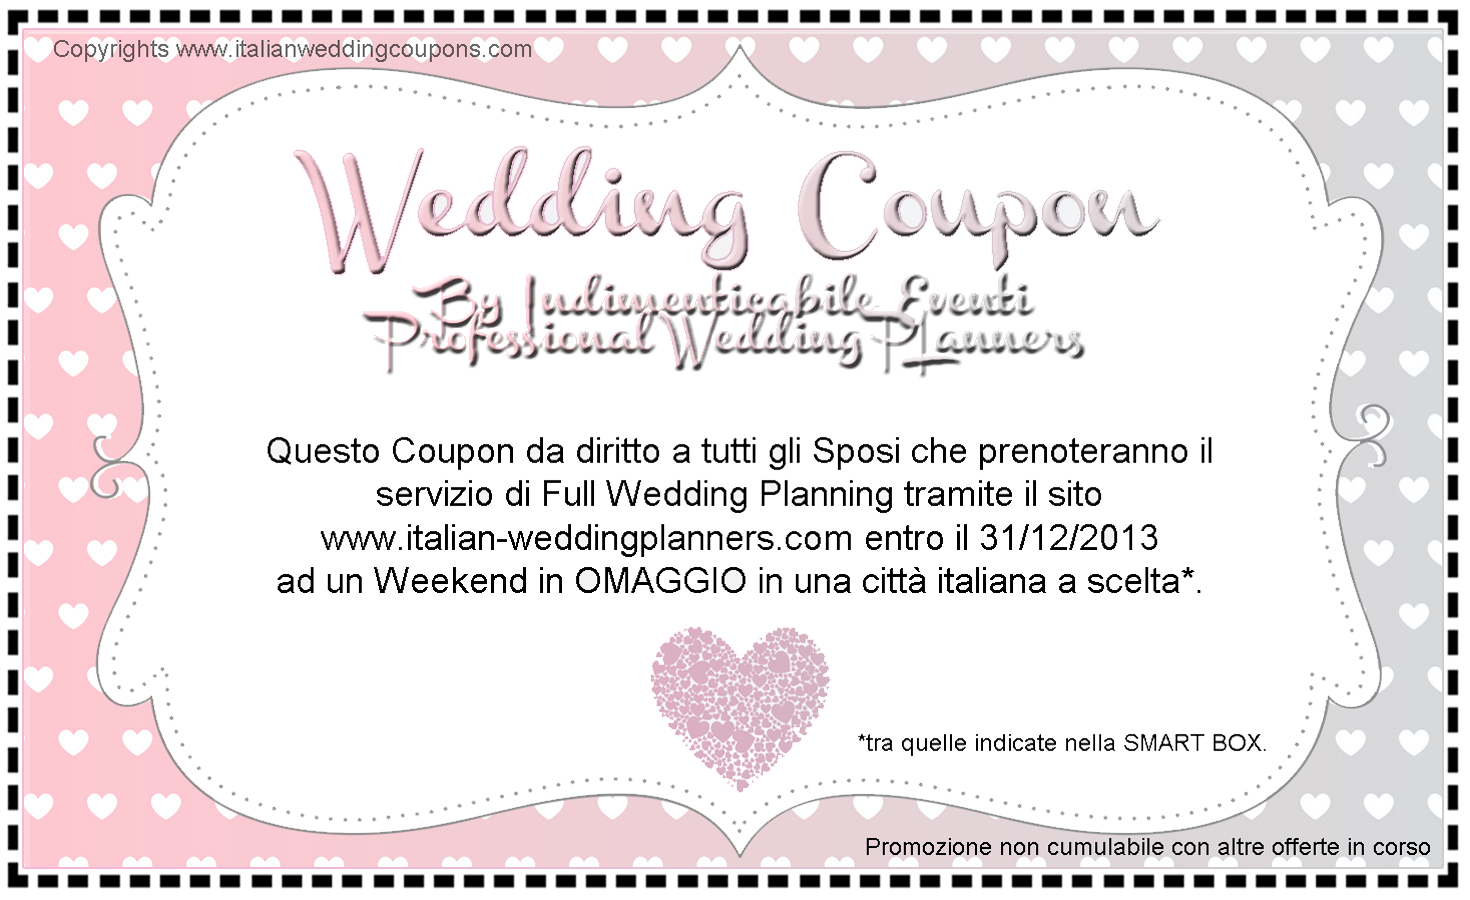 Wedding collectibles discount coupon code